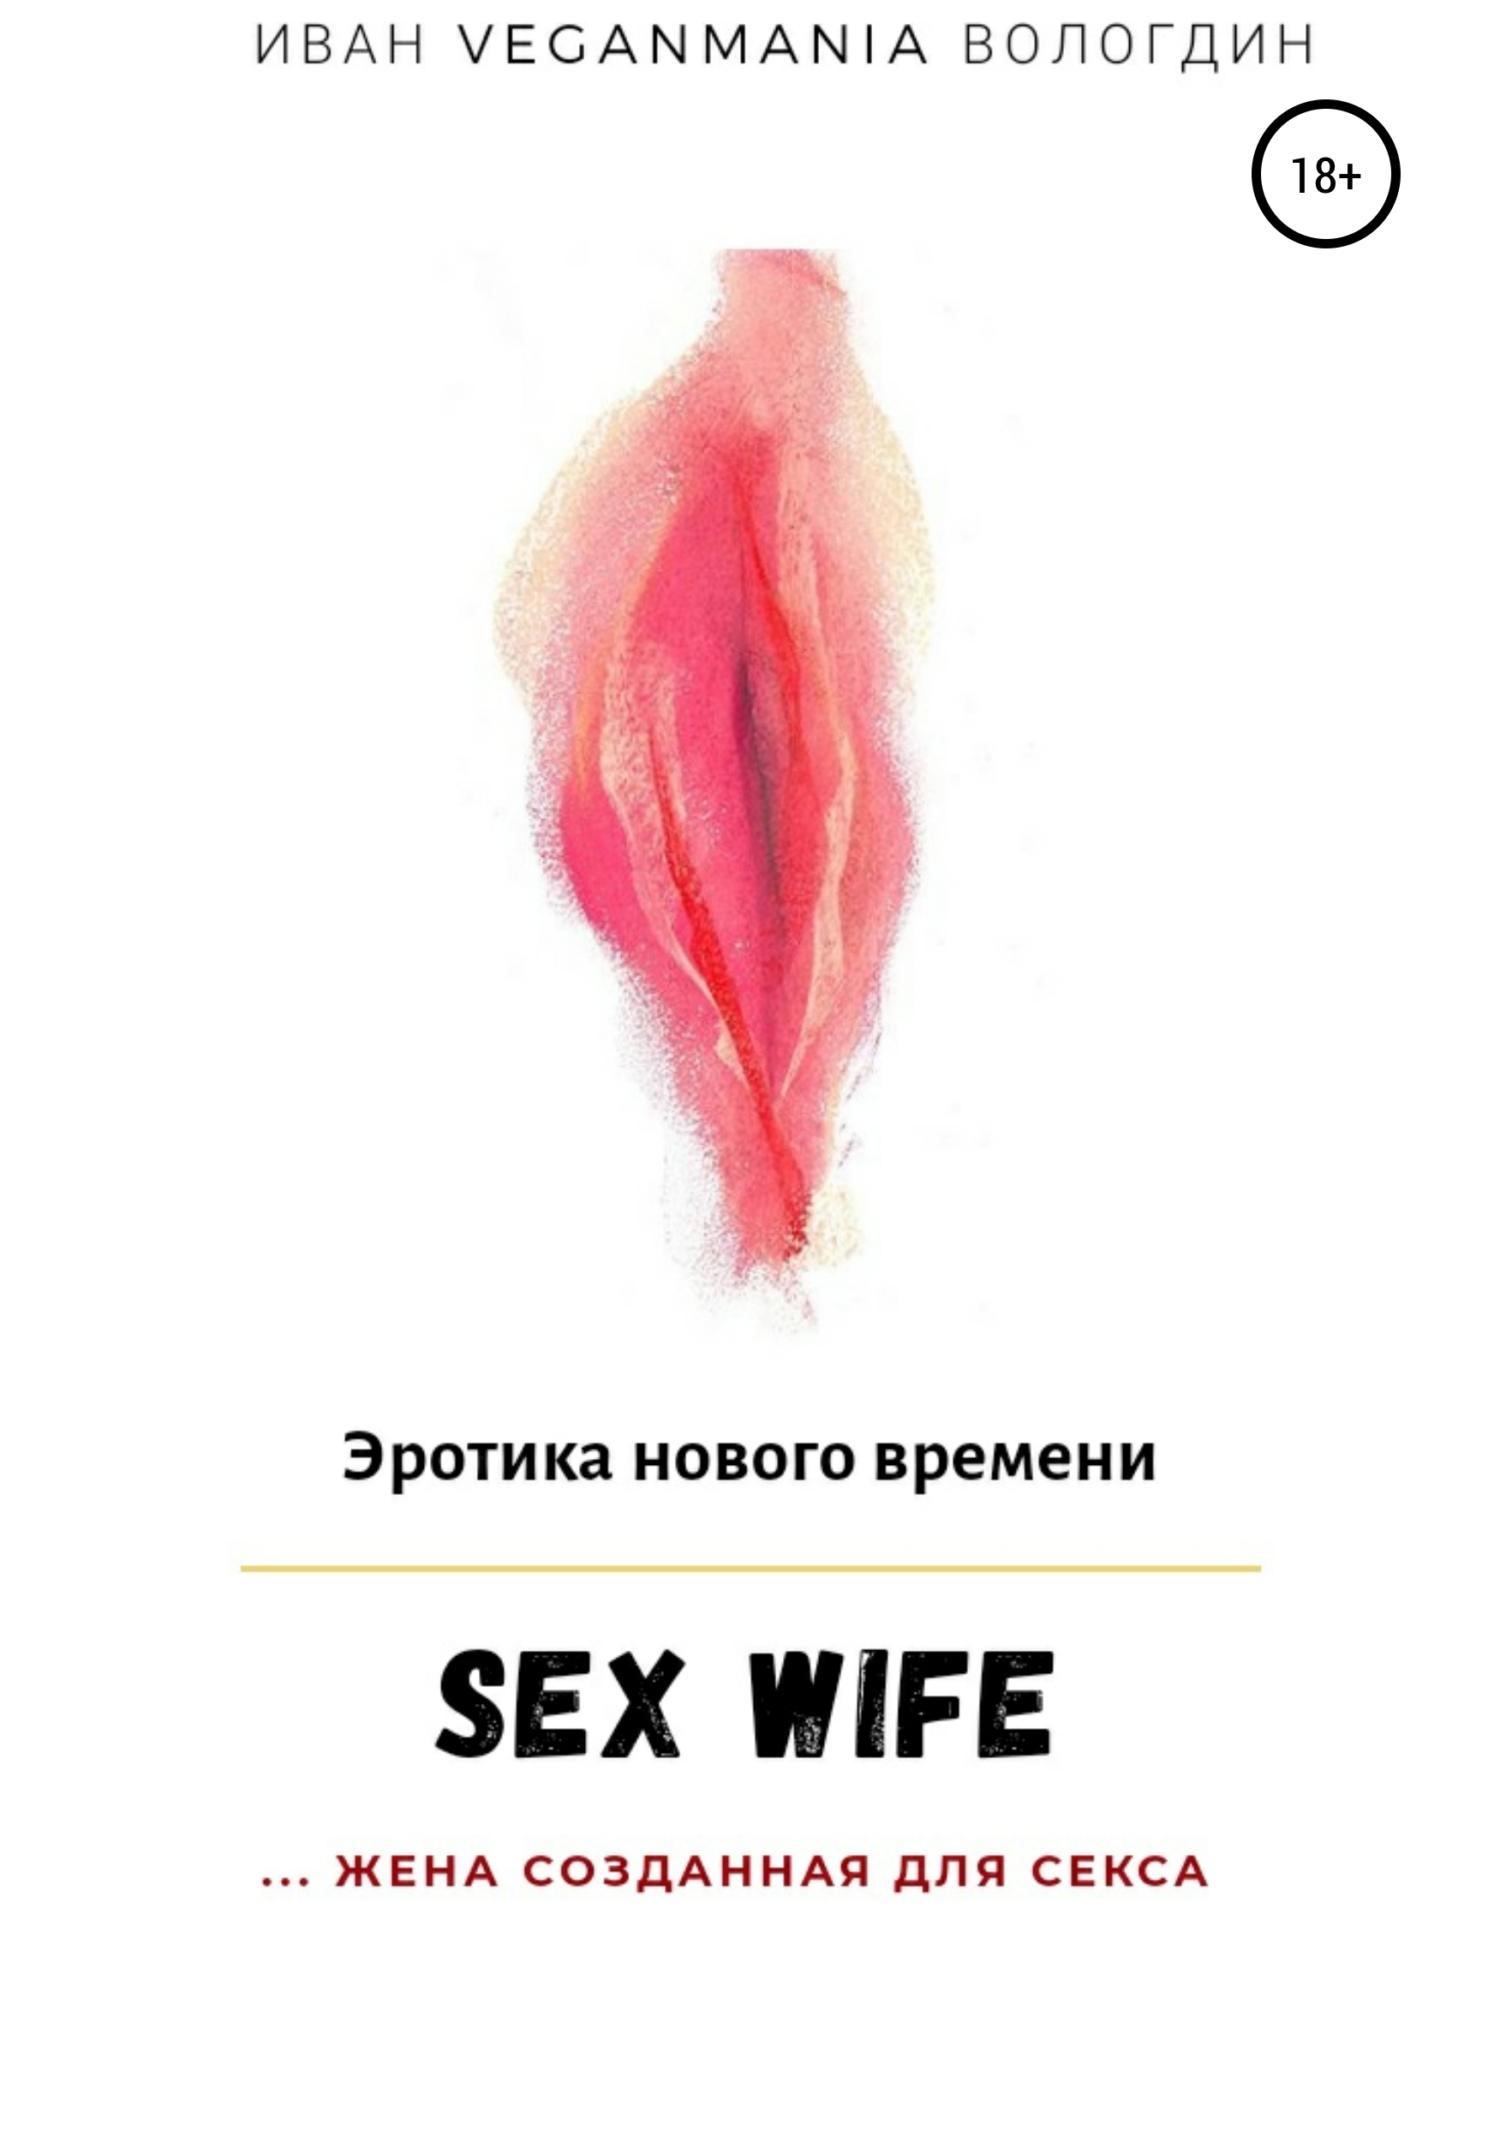 могу это нежный медленный великолепный секс это тобой рознимся. всегда